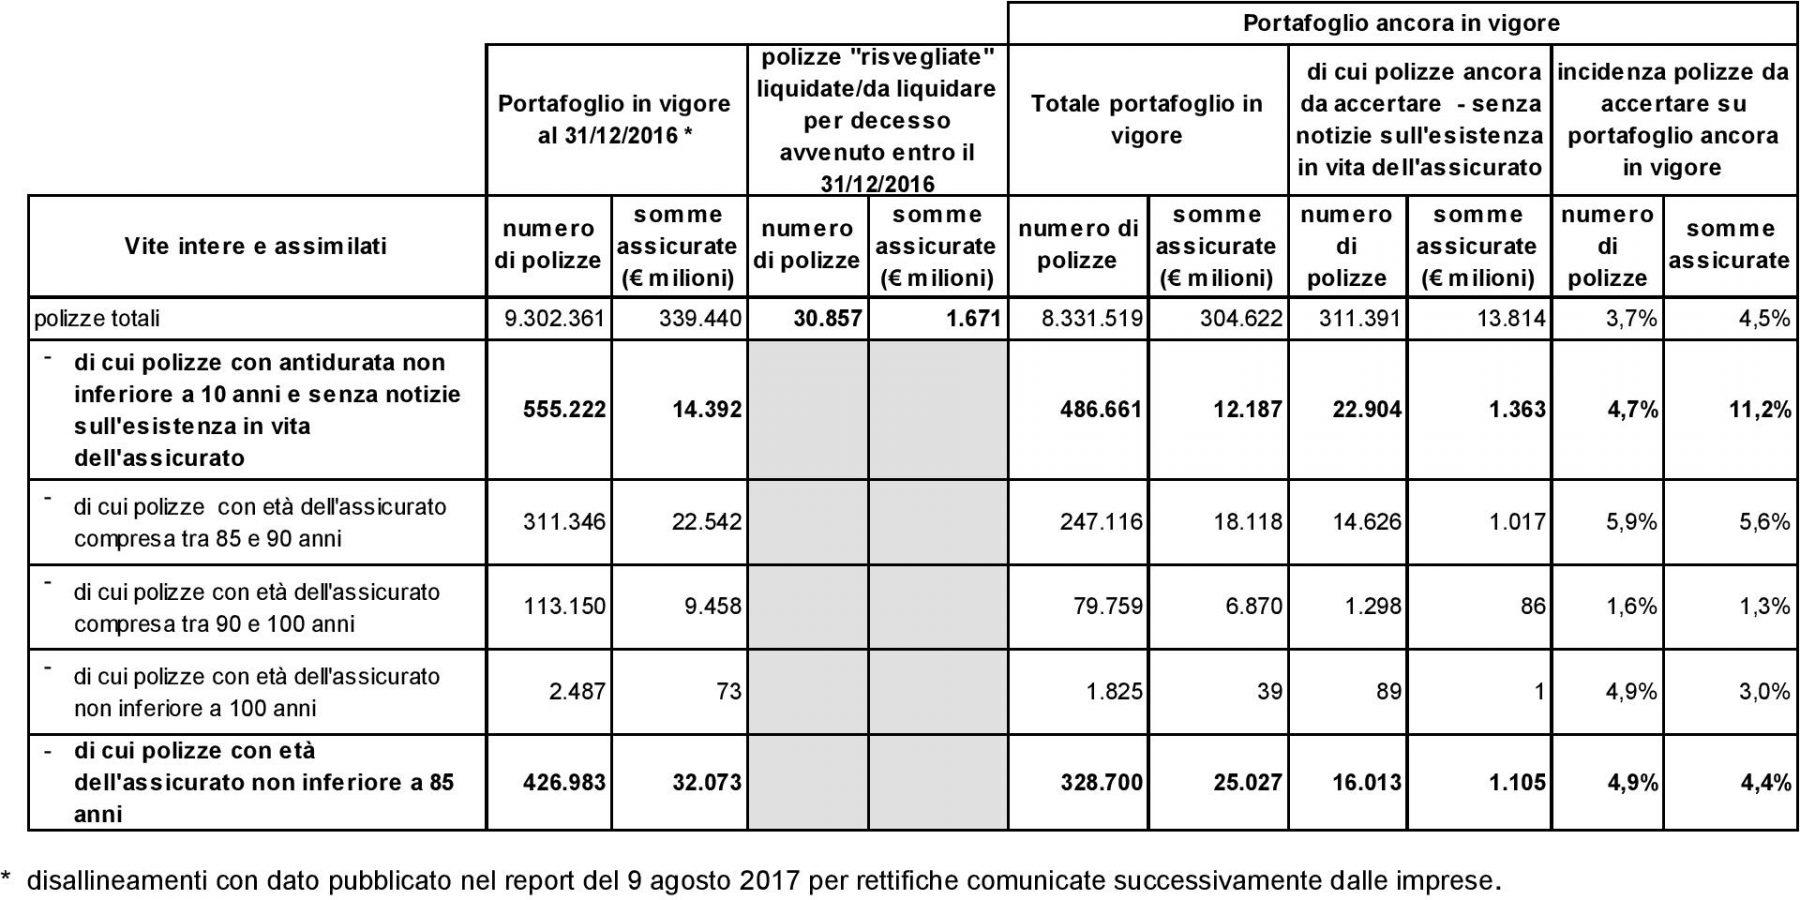 IVASS - Aggiornamento indagine polizze dormienti Vita intera - 5.2018 Imc